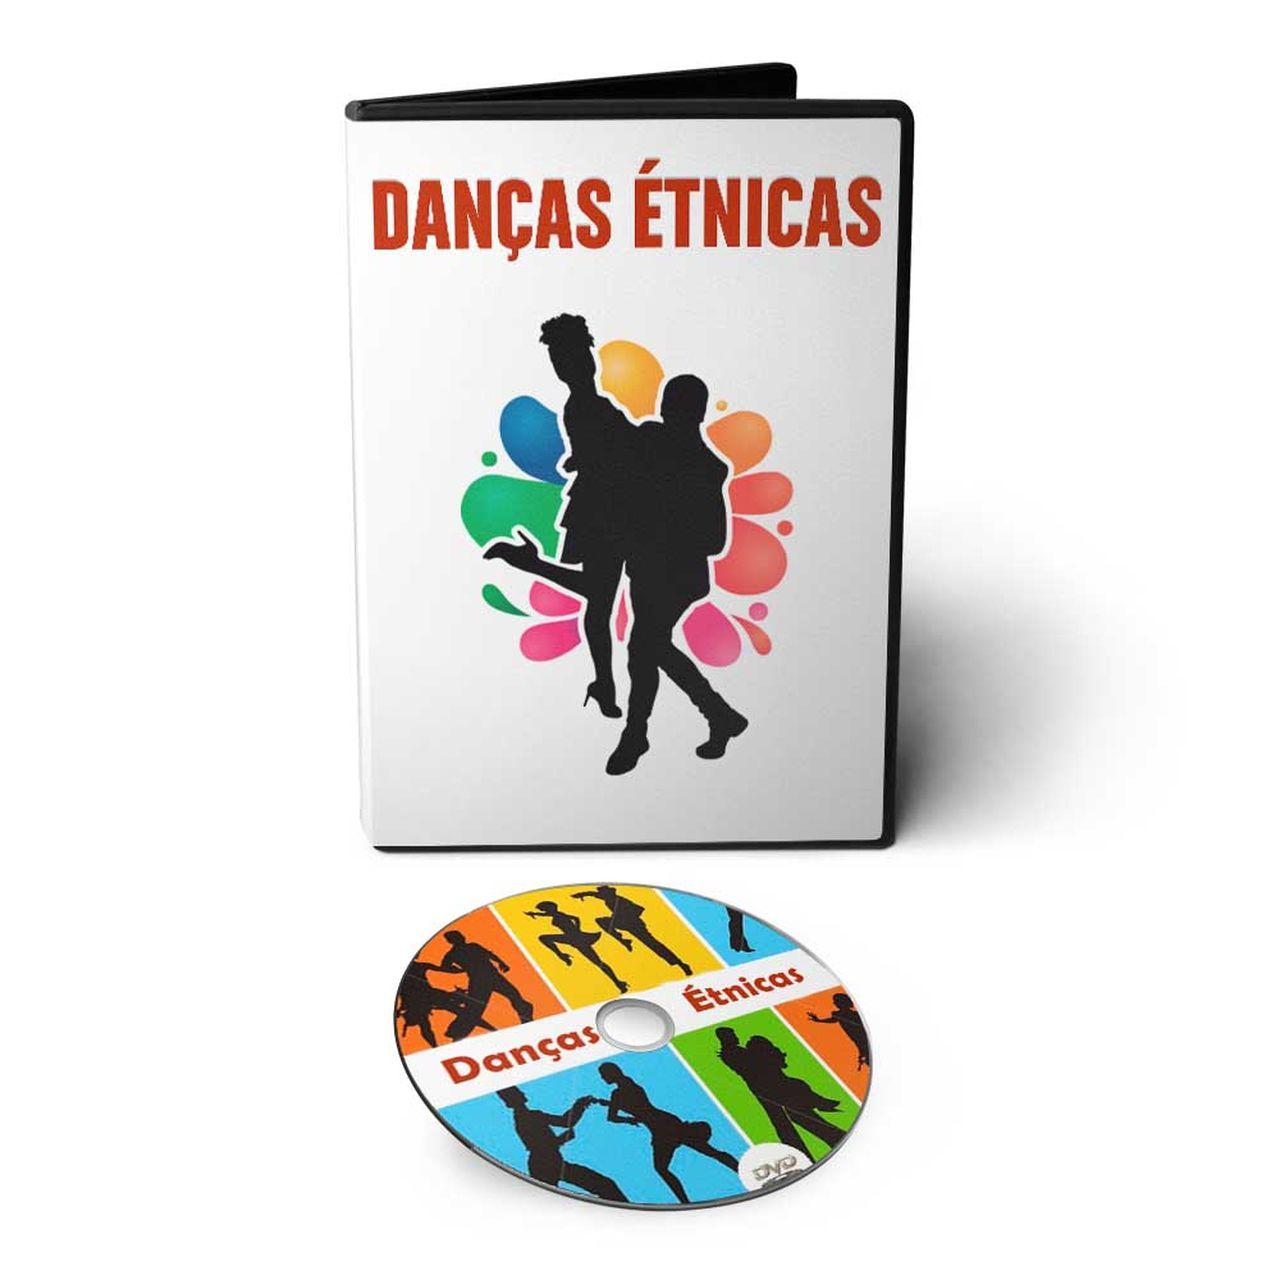 Curso de Danças Étnicas em DVD Videoaula  - Aprova Cursos